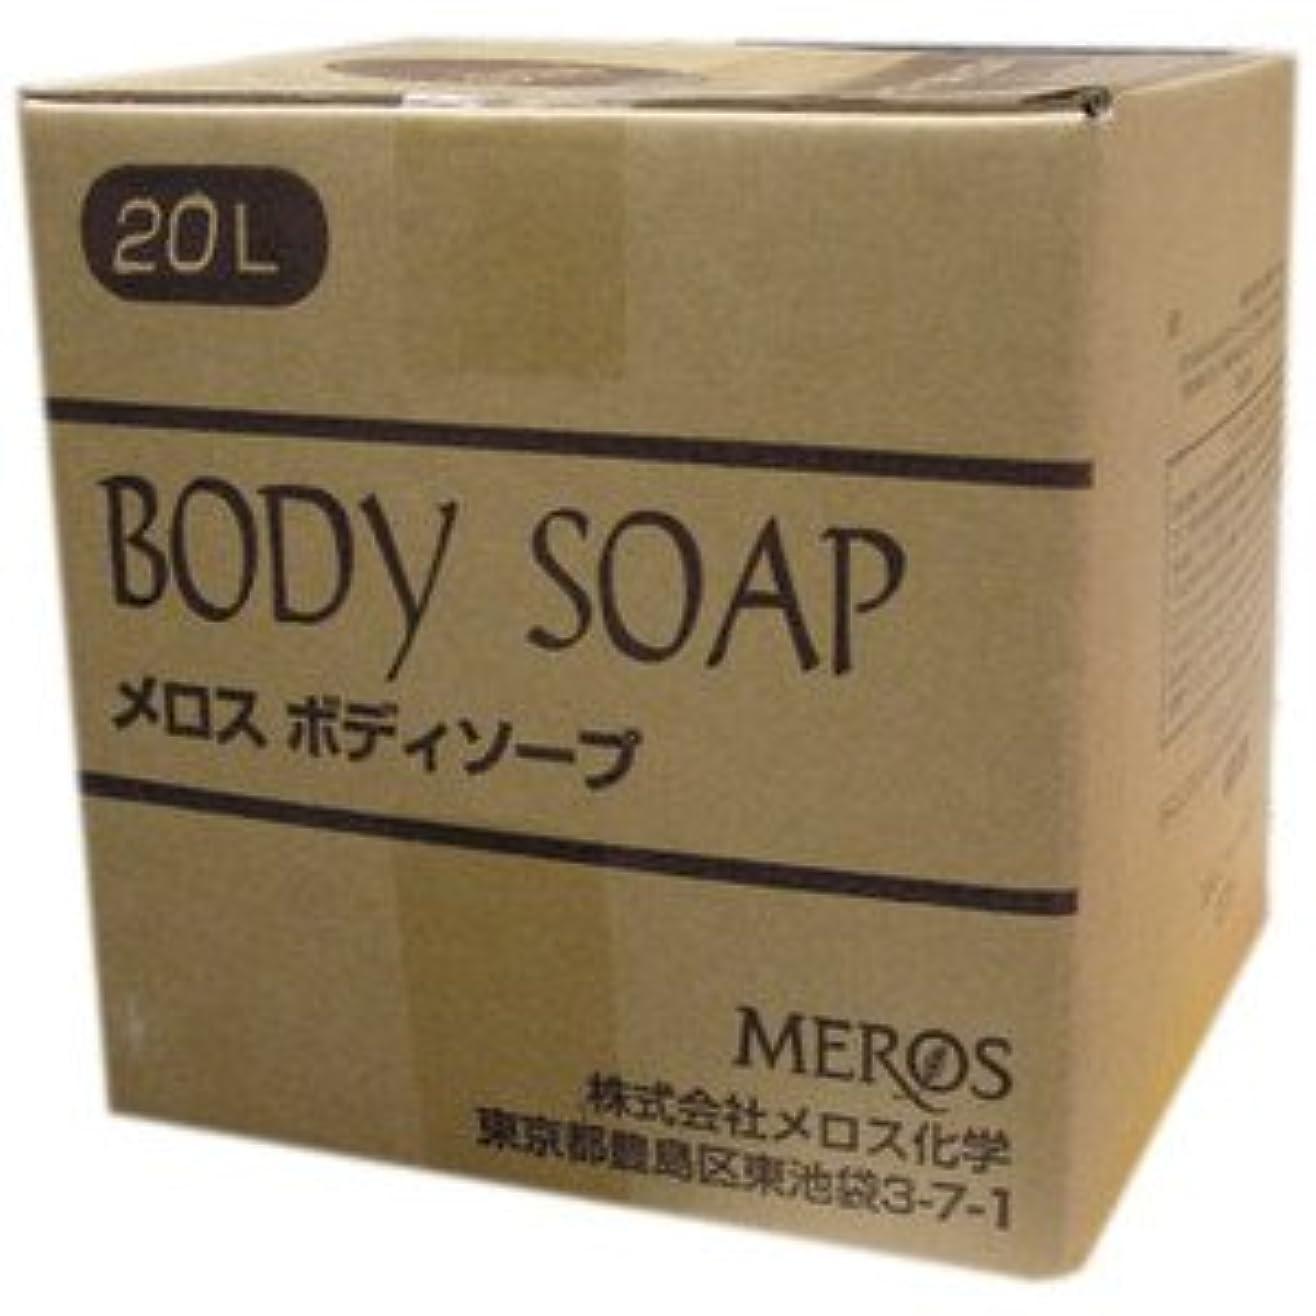 メロス ボディソープ 業務用 20L / 詰め替え (メロス化学) 業務用ボディソープ